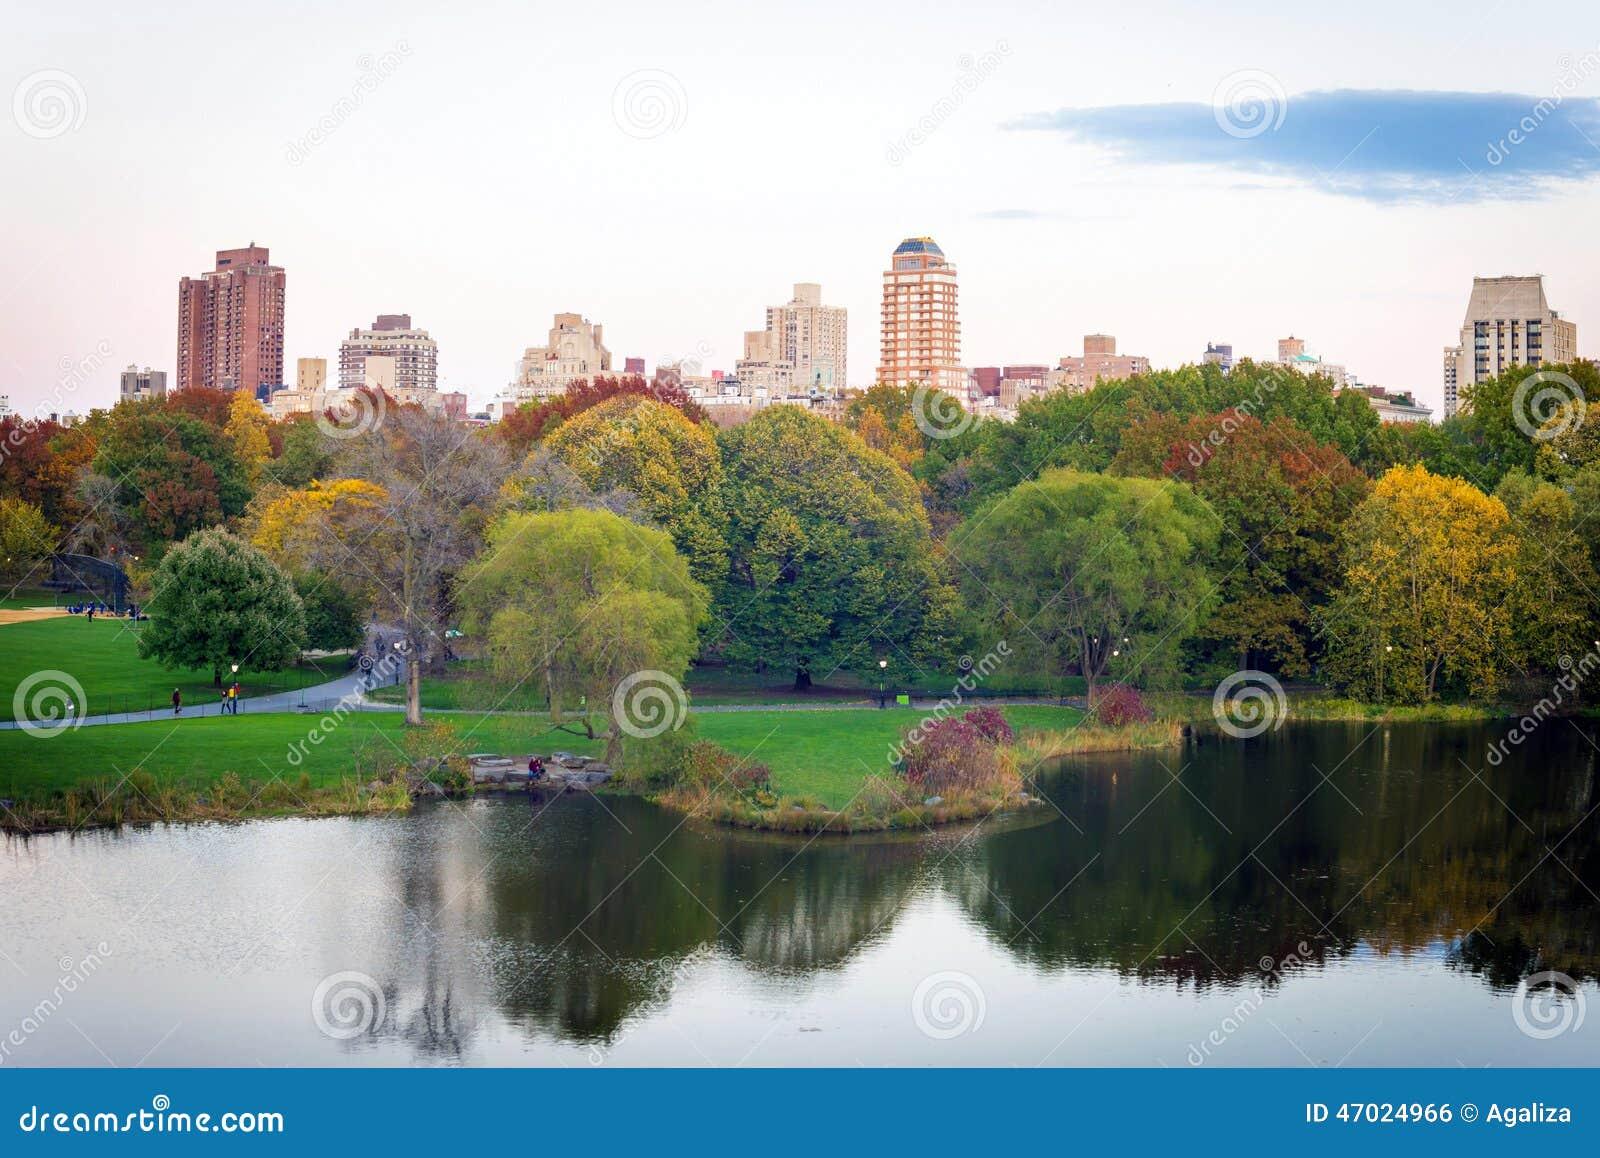 Schildkr ten teich durch gro en rasen im central park for Teich design nyc